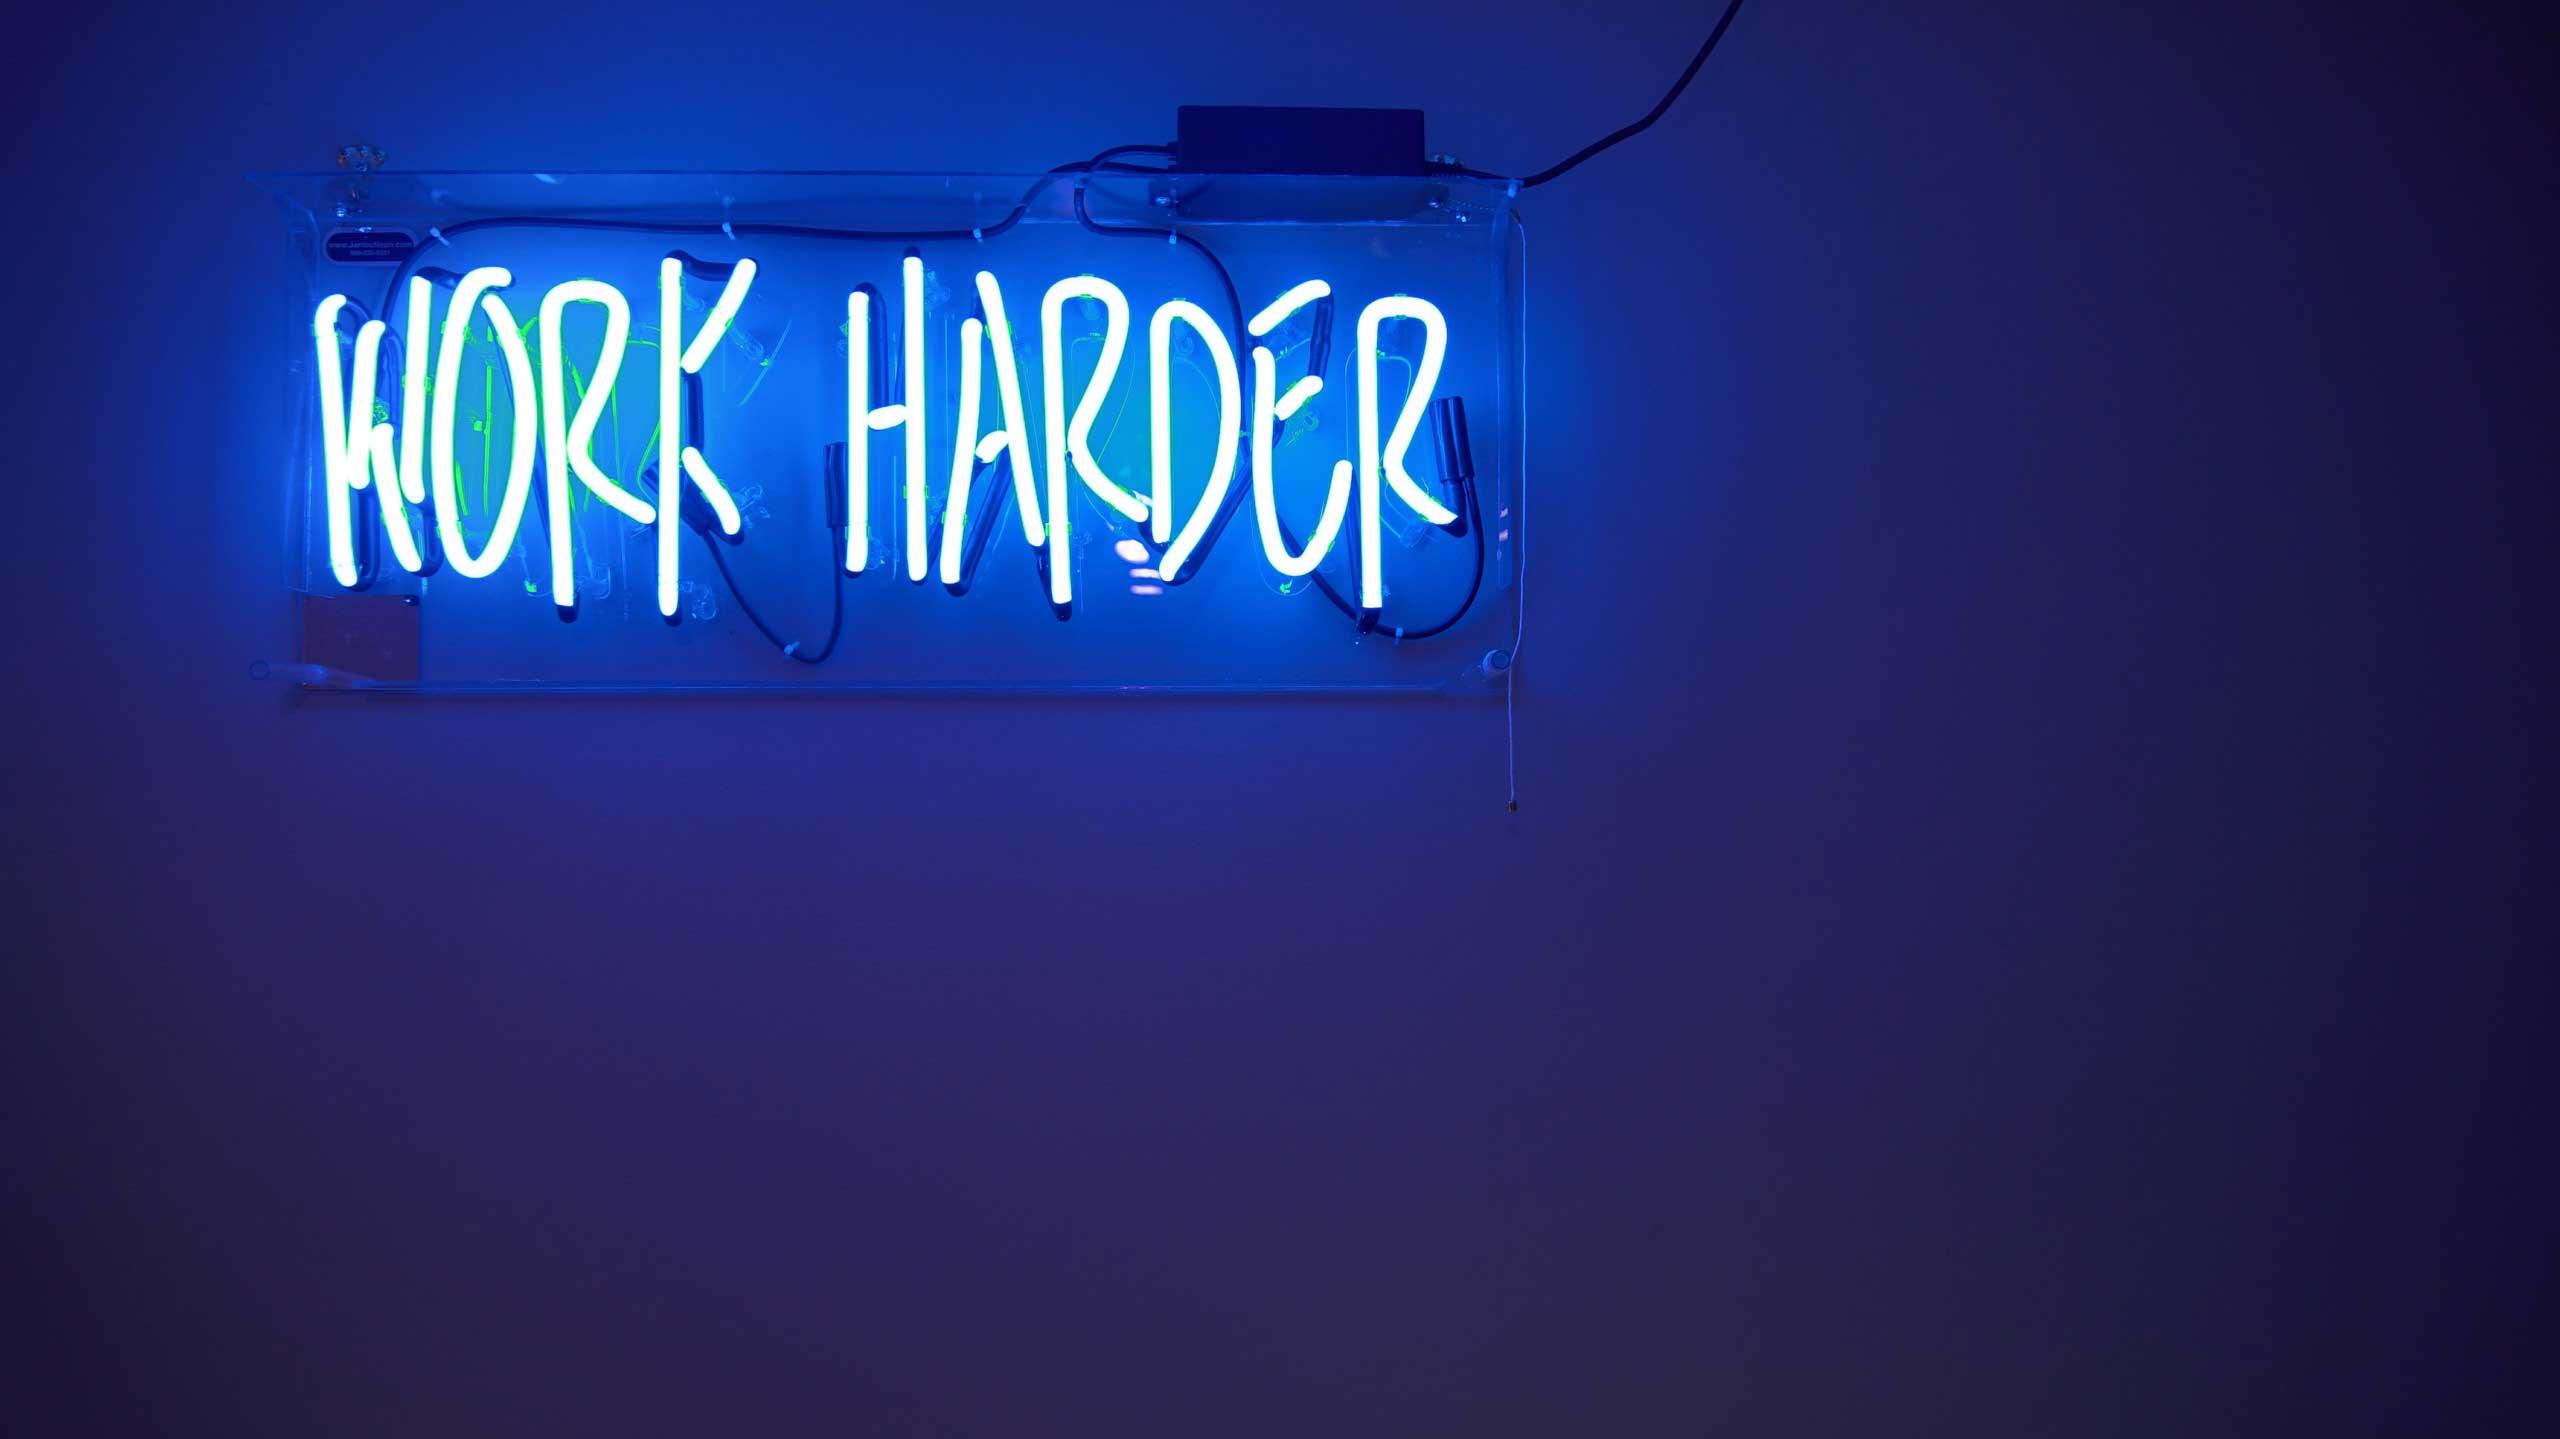 Work harder motivational sign